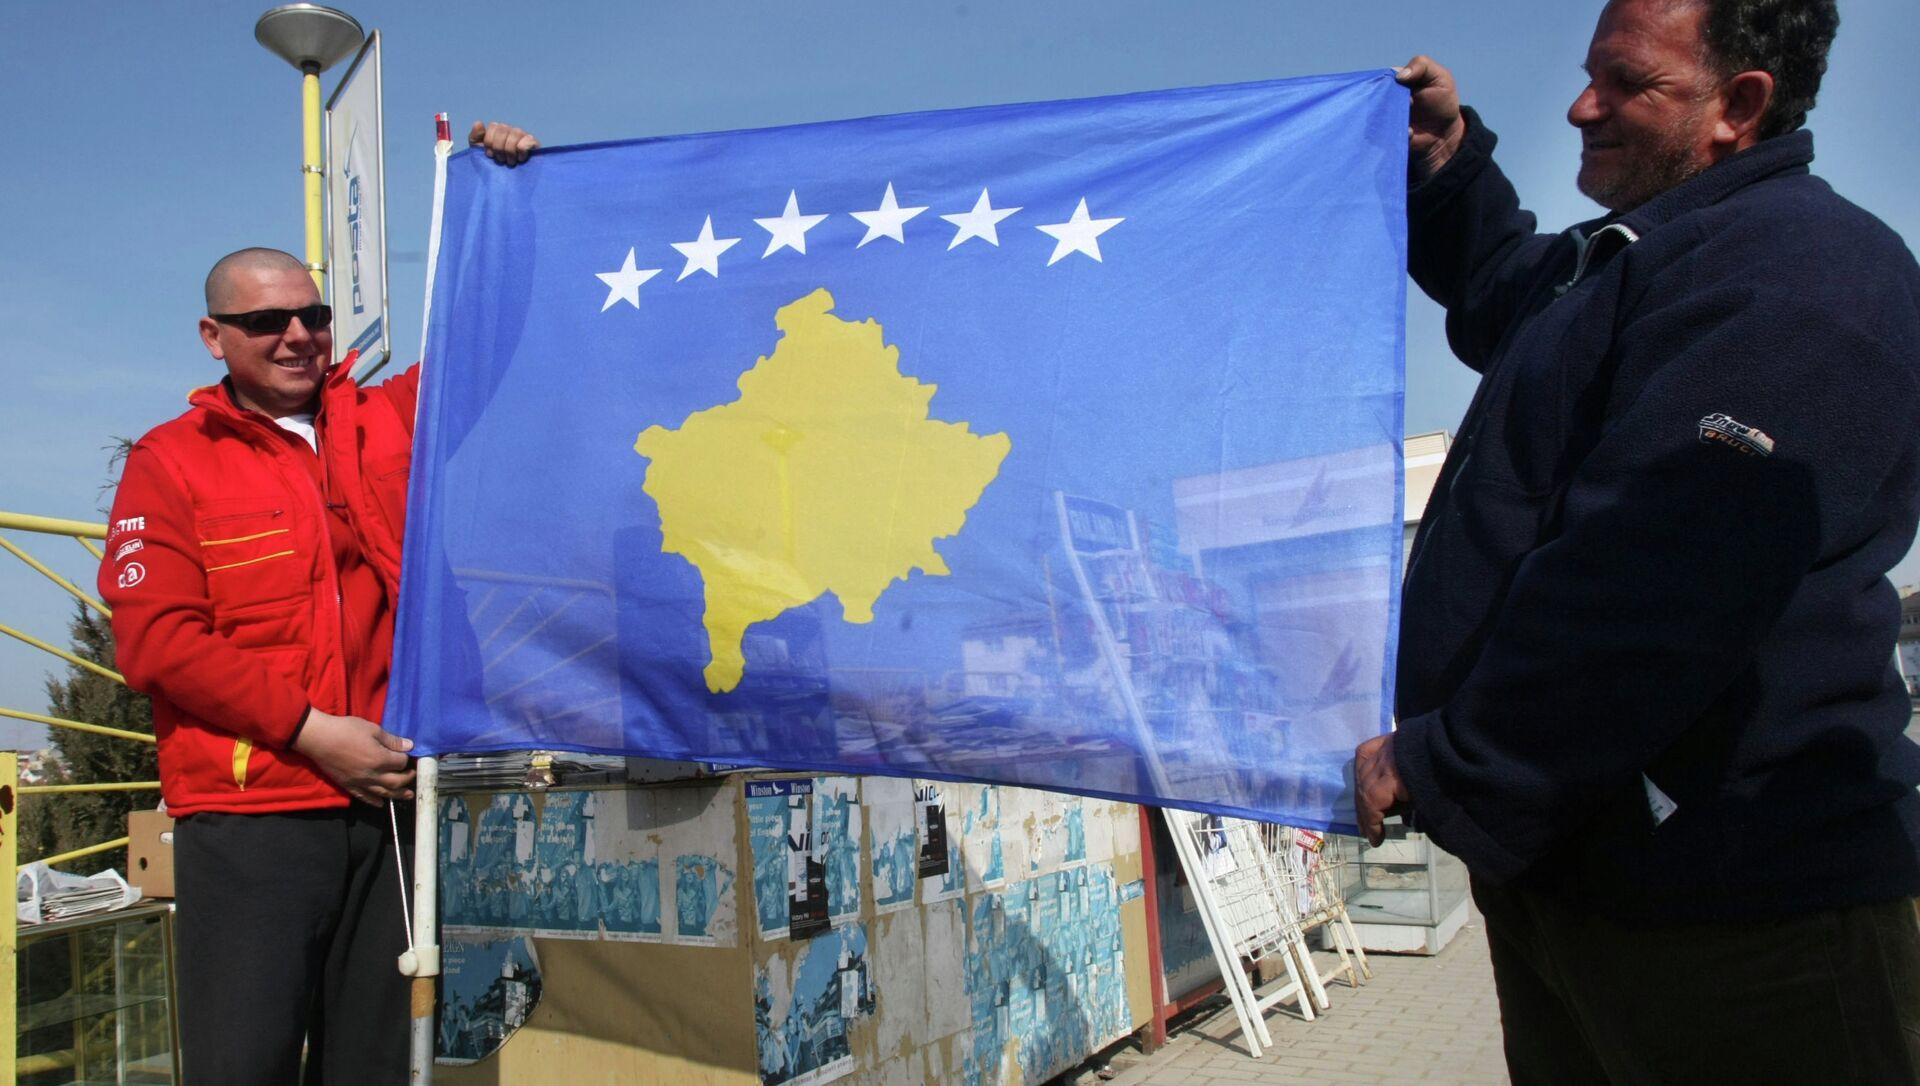 Cư dân của Pristina với lá cờ mới của nước cộng hòa tự xưng Kosovo. - Sputnik Việt Nam, 1920, 03.08.2021